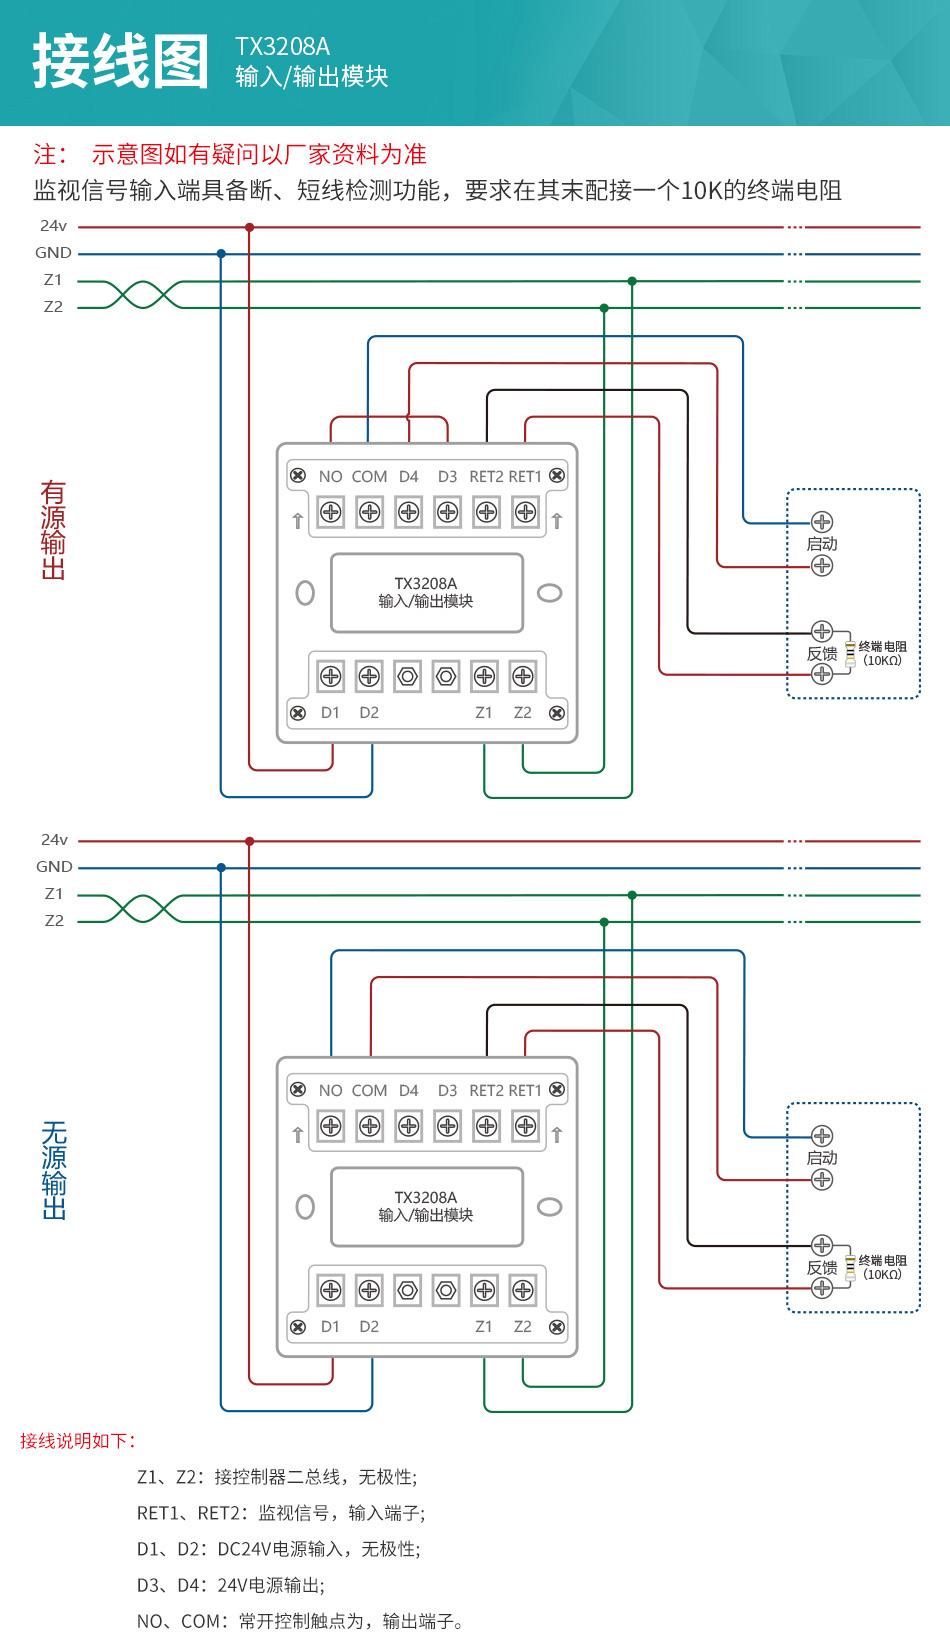 TX3208A输入输出模块安装接线